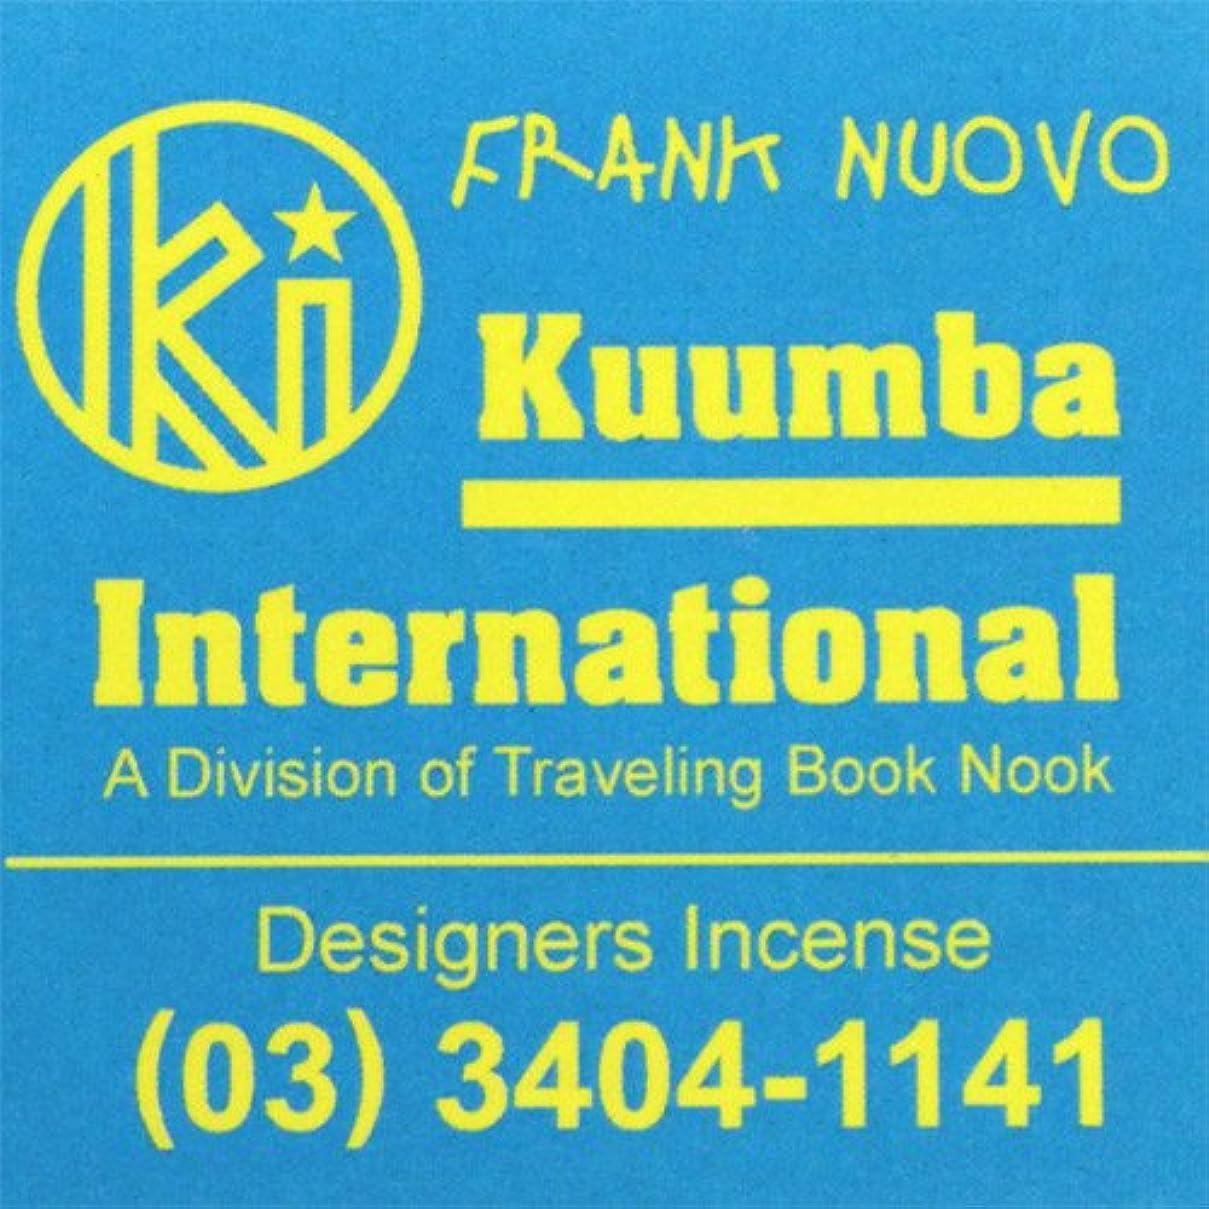 全滅させるいたずらな推測するKUUMBA / クンバ『incense』(FRANK NUOVO) (Regular size)